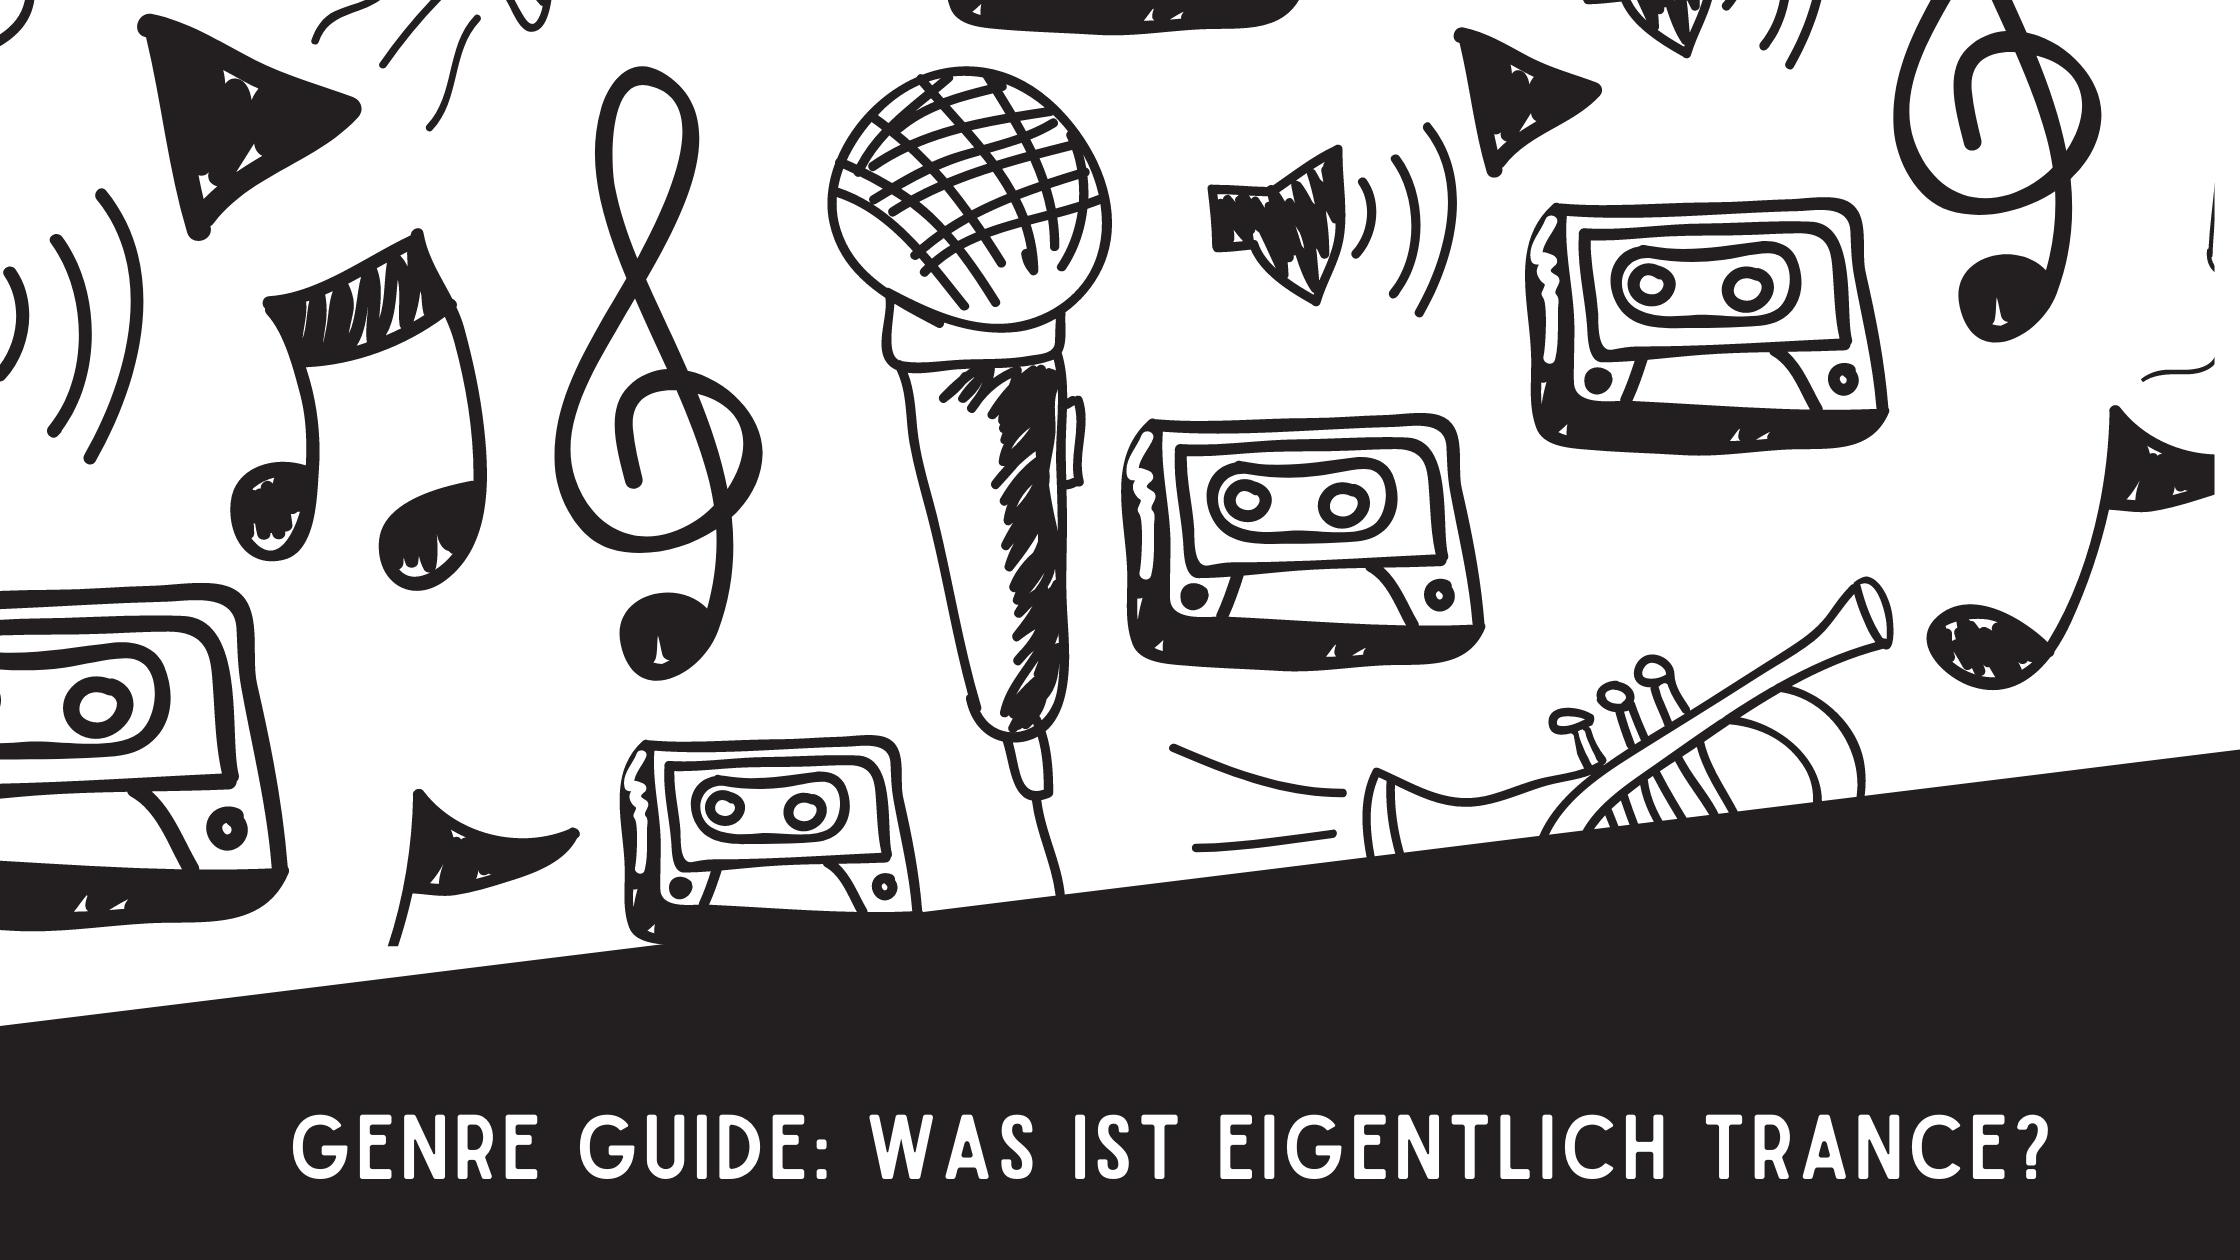 Genre Guide: Was ist eigentlich Trance?